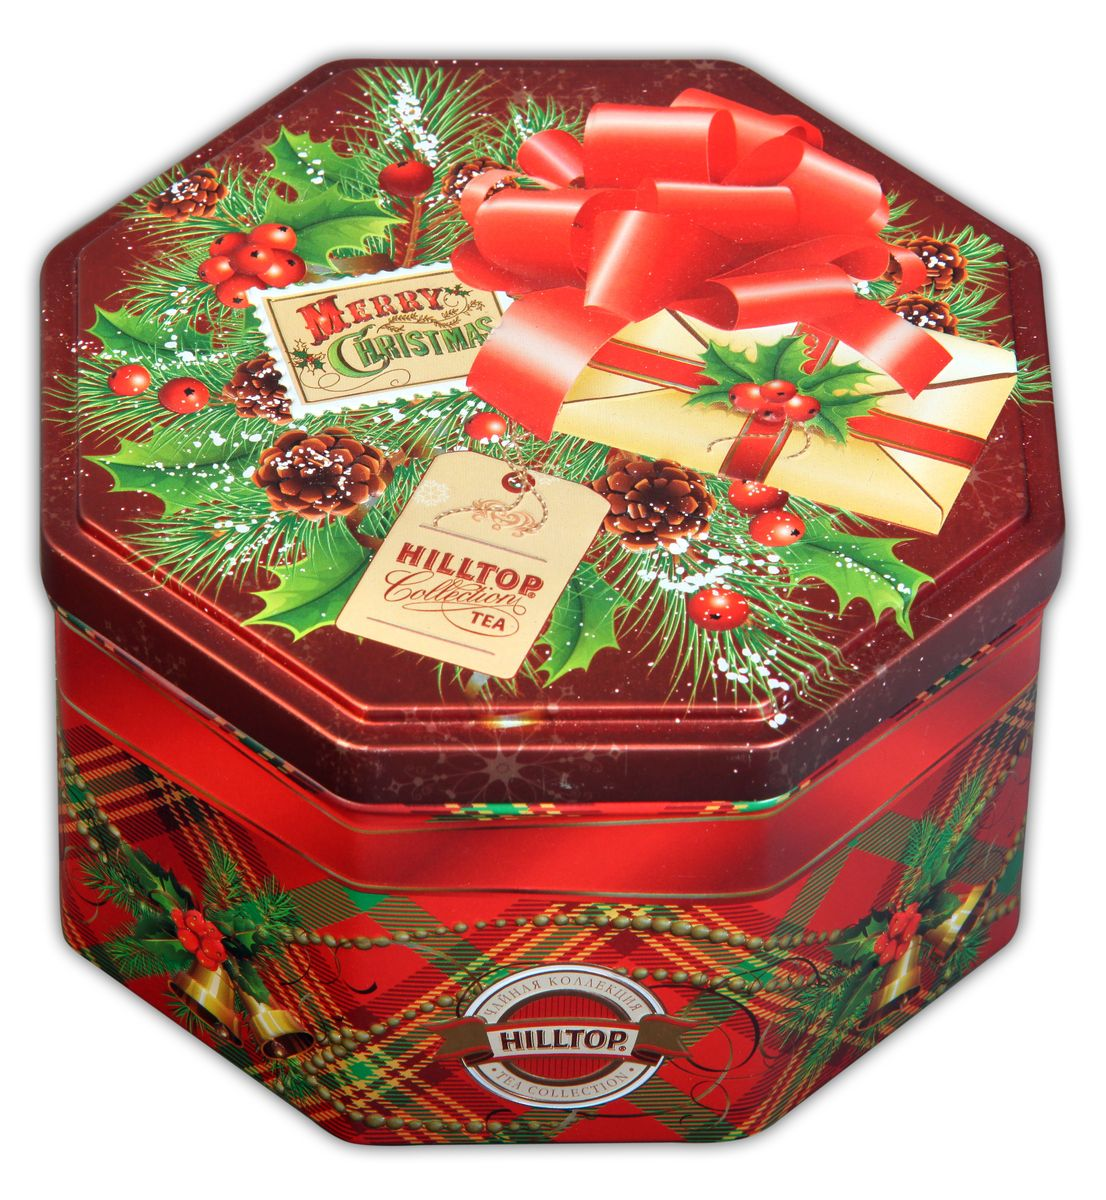 Hilltop С Рождеством Праздничный черный листовой чай, 150 г дольче вита с рождеством христовым черный листовой чай 170 г